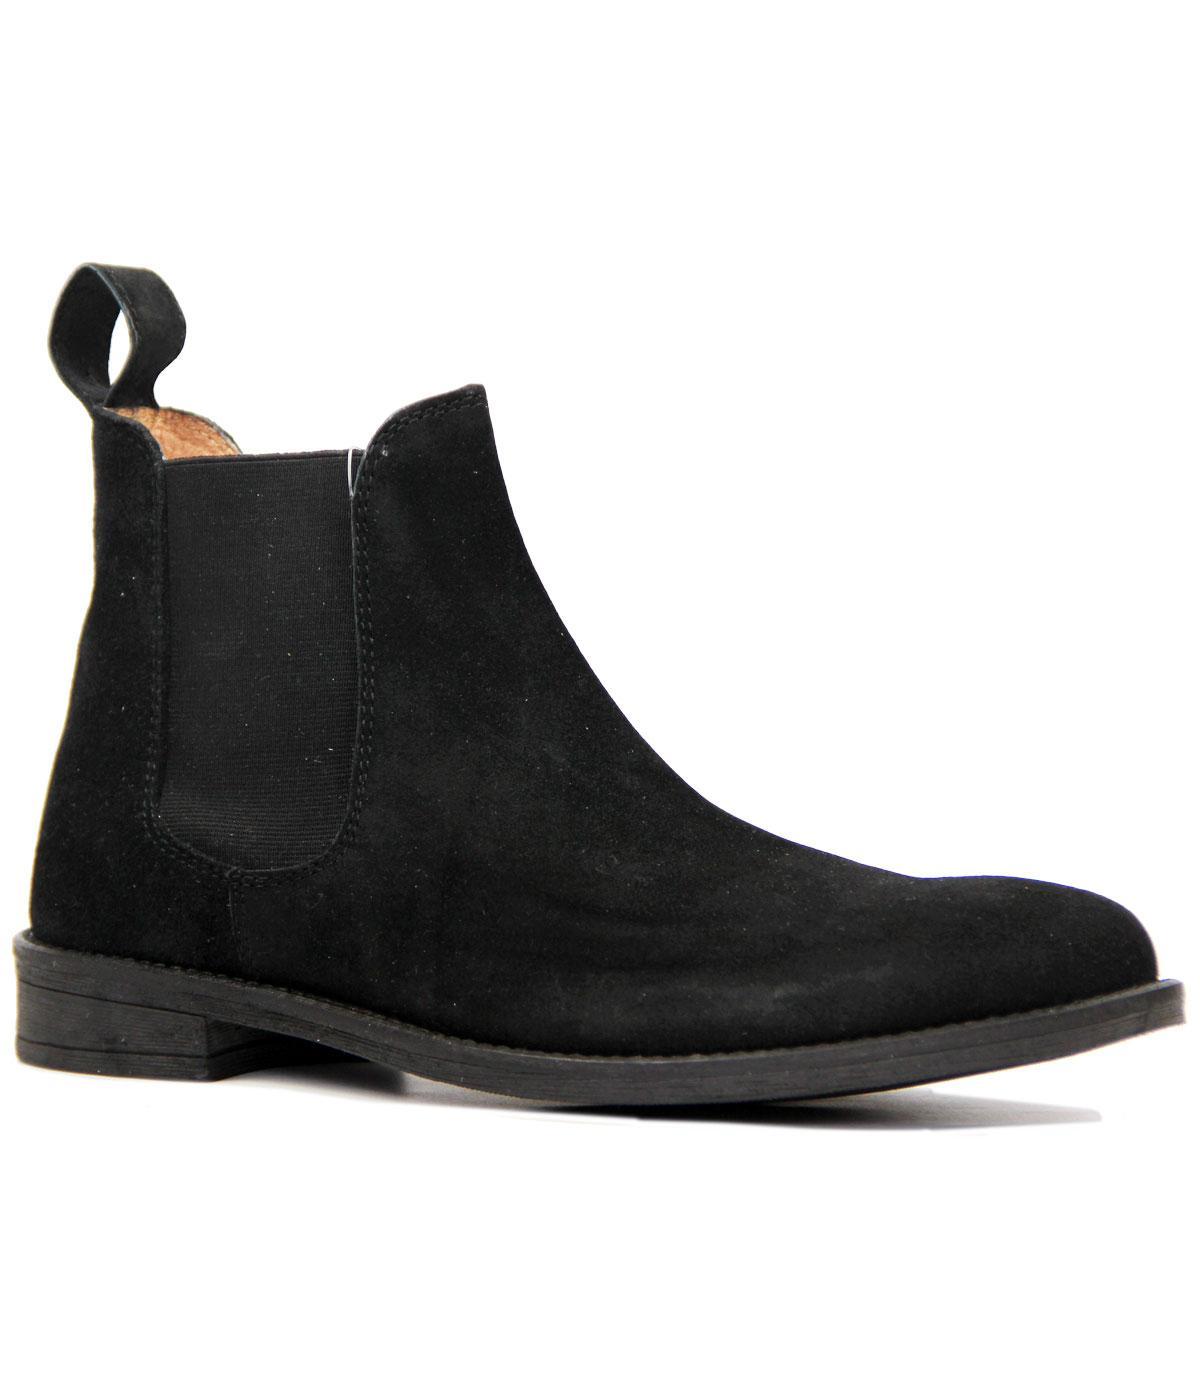 Retro 1960s Mod Black Suede Chelsea Boots